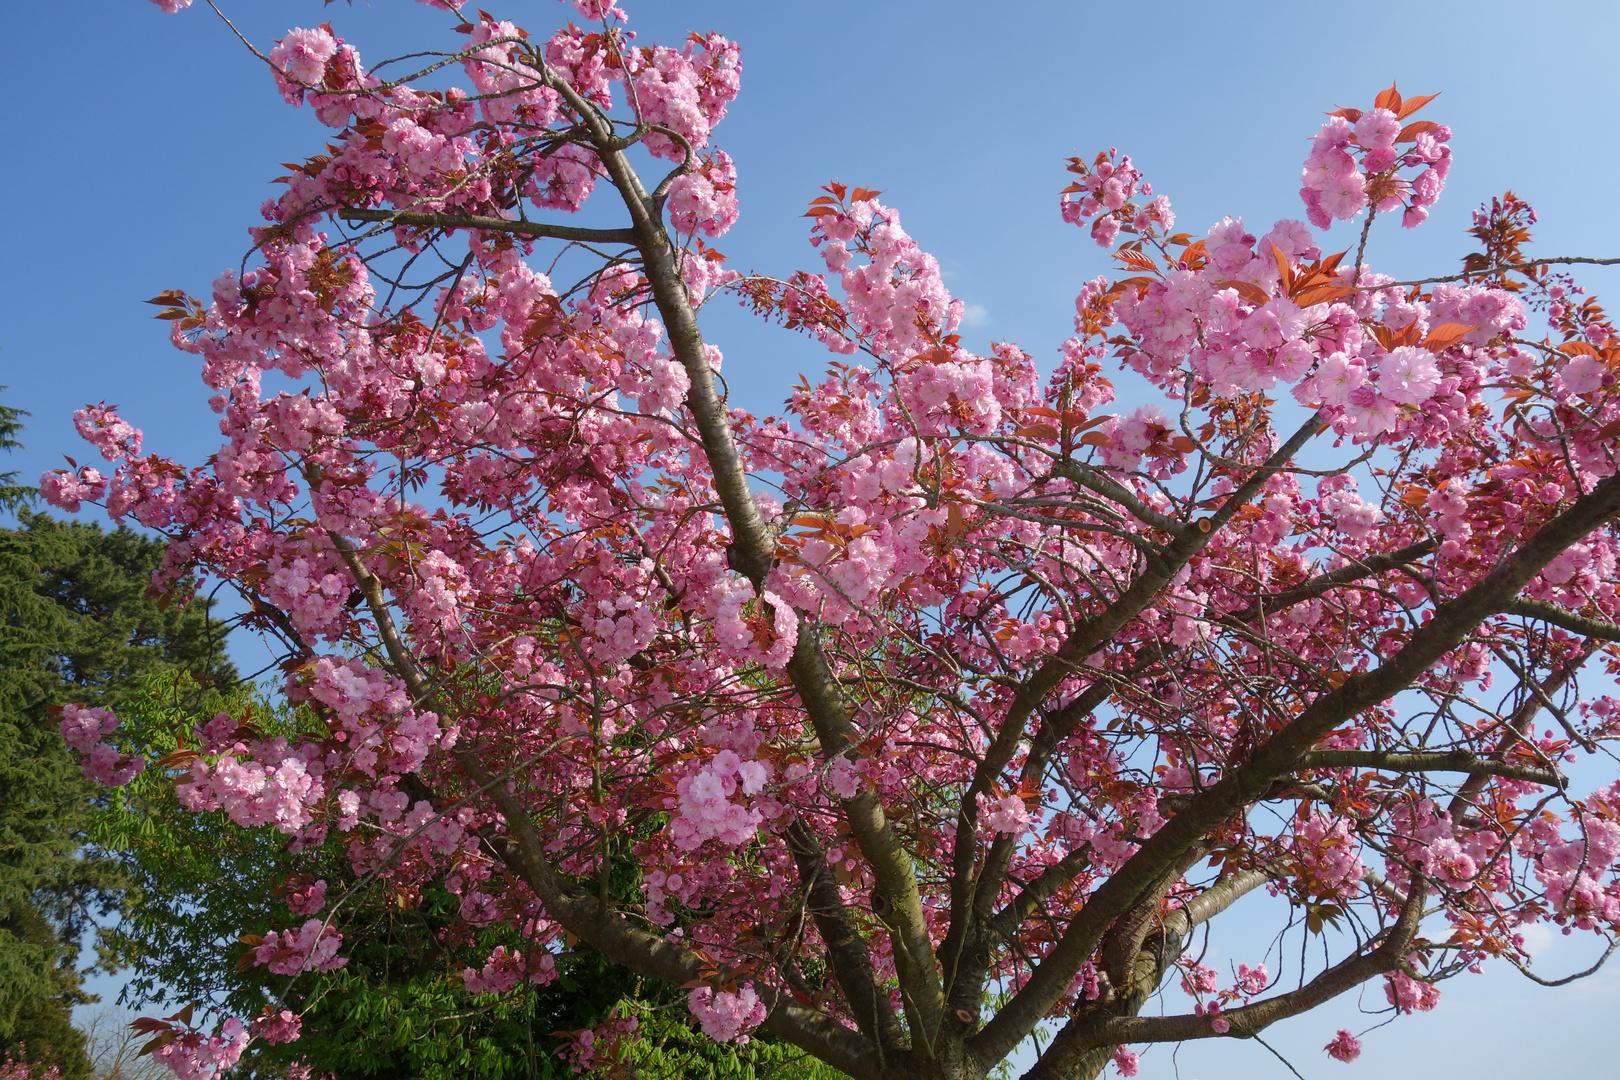 Besuch am Bodensee Baum in voller Blüte